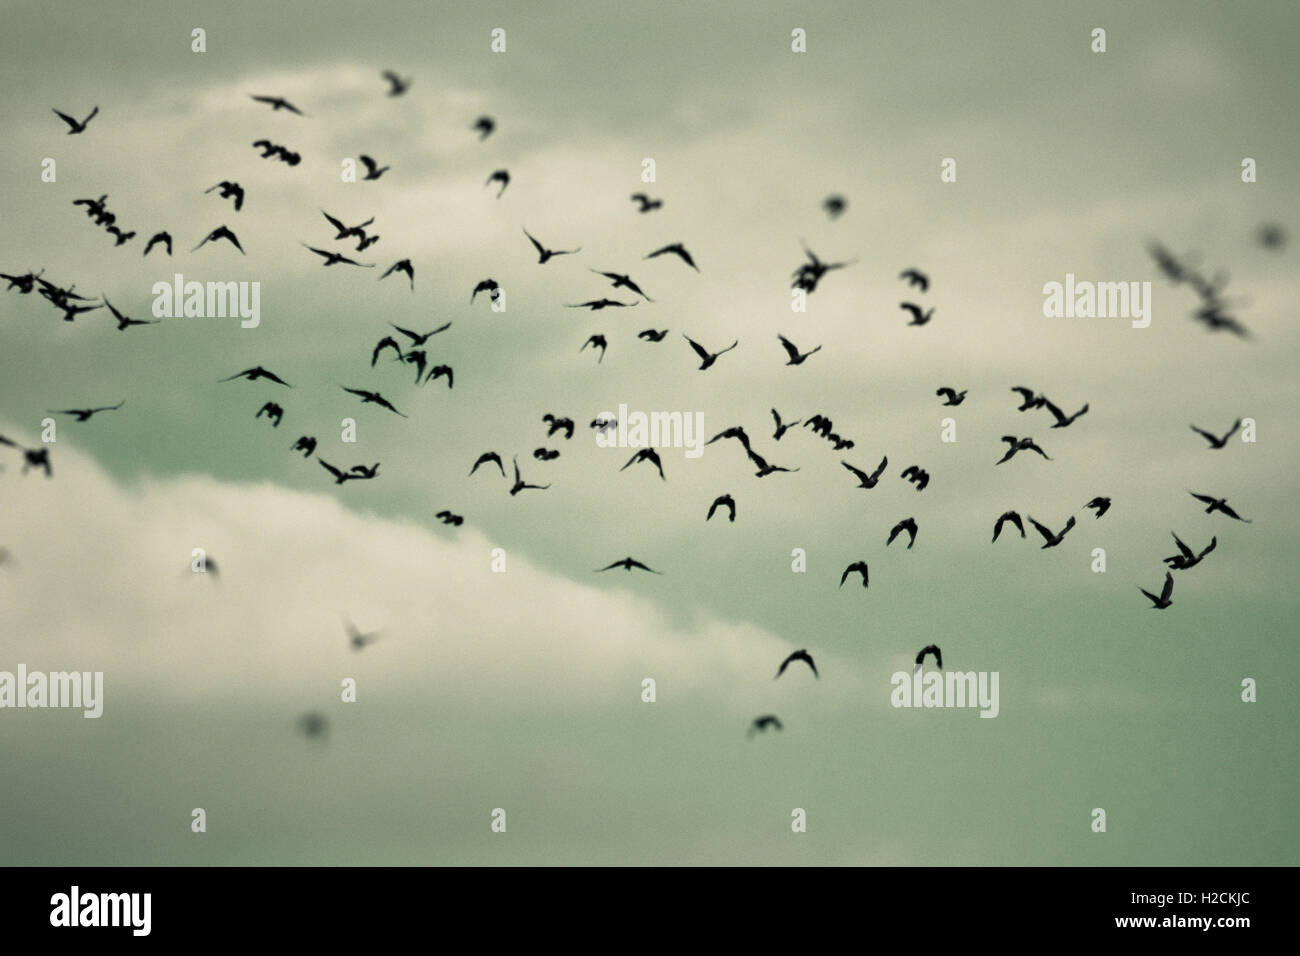 Troupeau d'oiseaux volant dans le ciel. Focus sélectif. Sombre, mystérieux et Moody. Banque D'Images